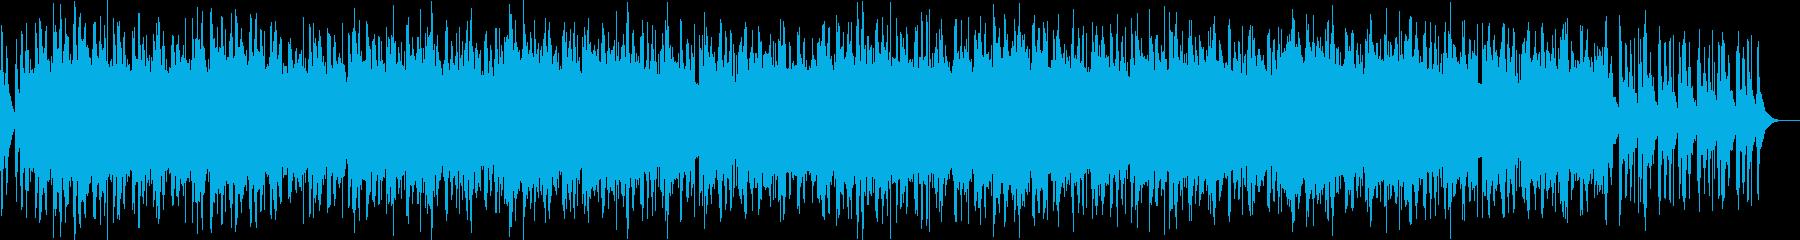 期待感溢れるストリングスBGMの再生済みの波形